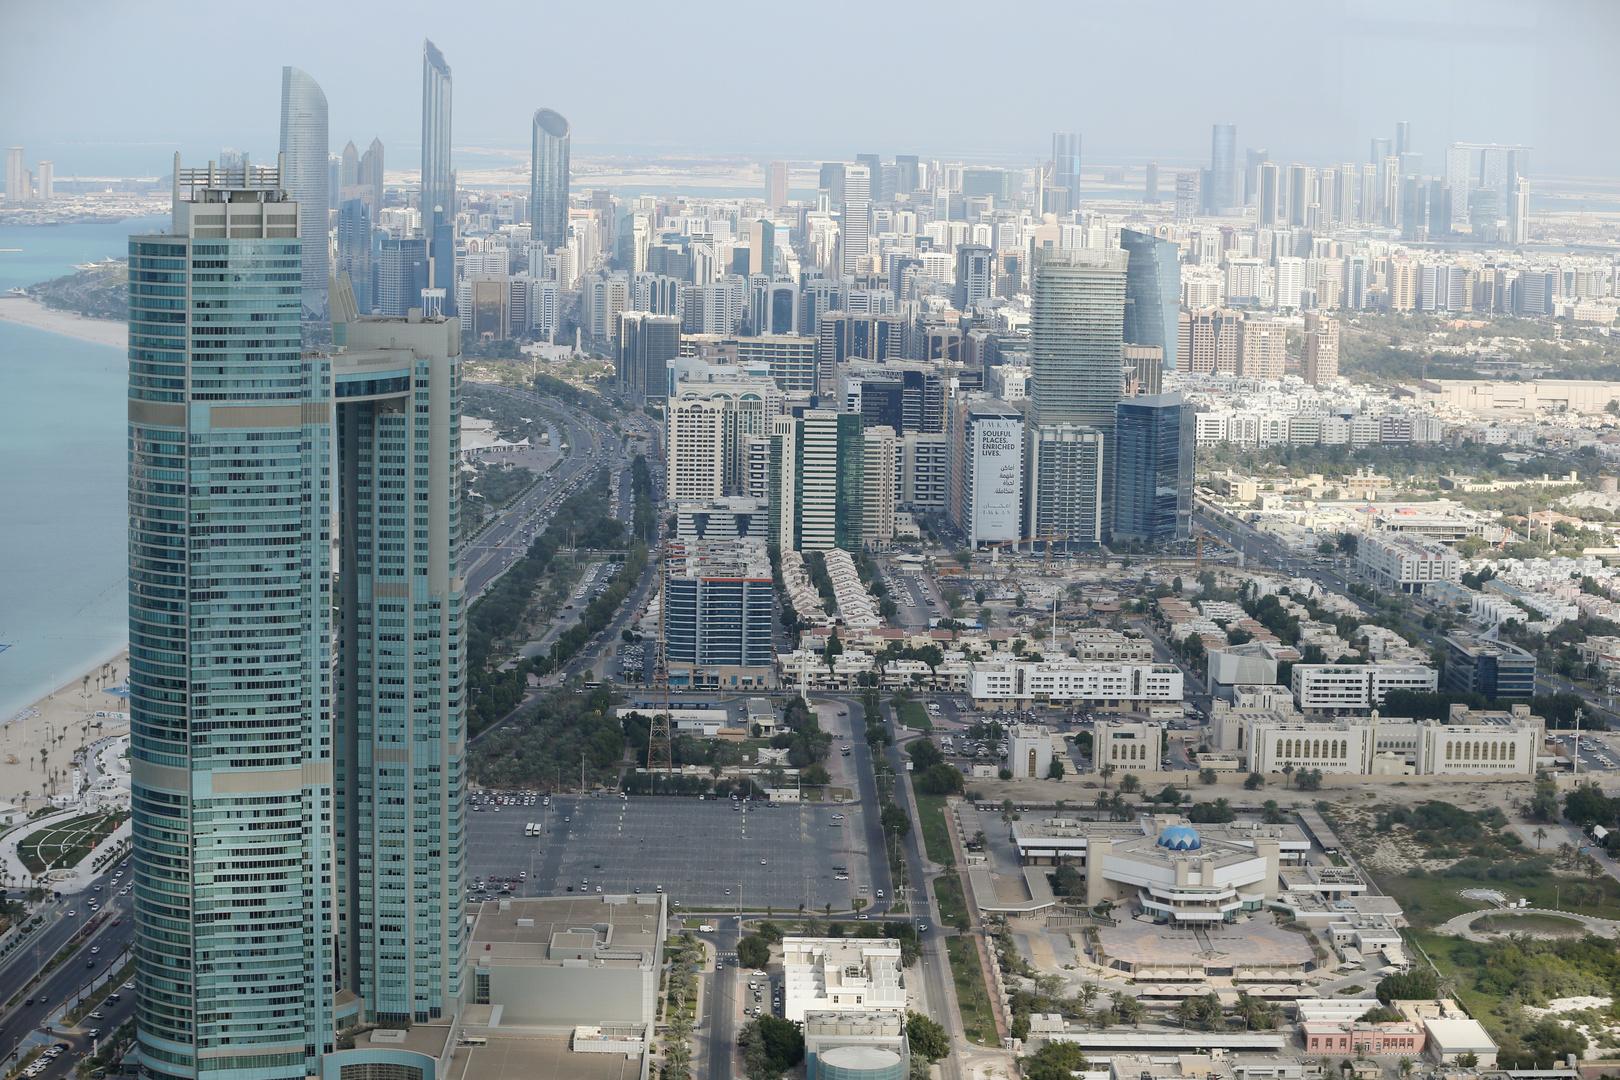 سلطات أبو ظبي تحصر الدخول إلى مجموعة أماكن خاصة على الملقحين ضد كورونا فقط